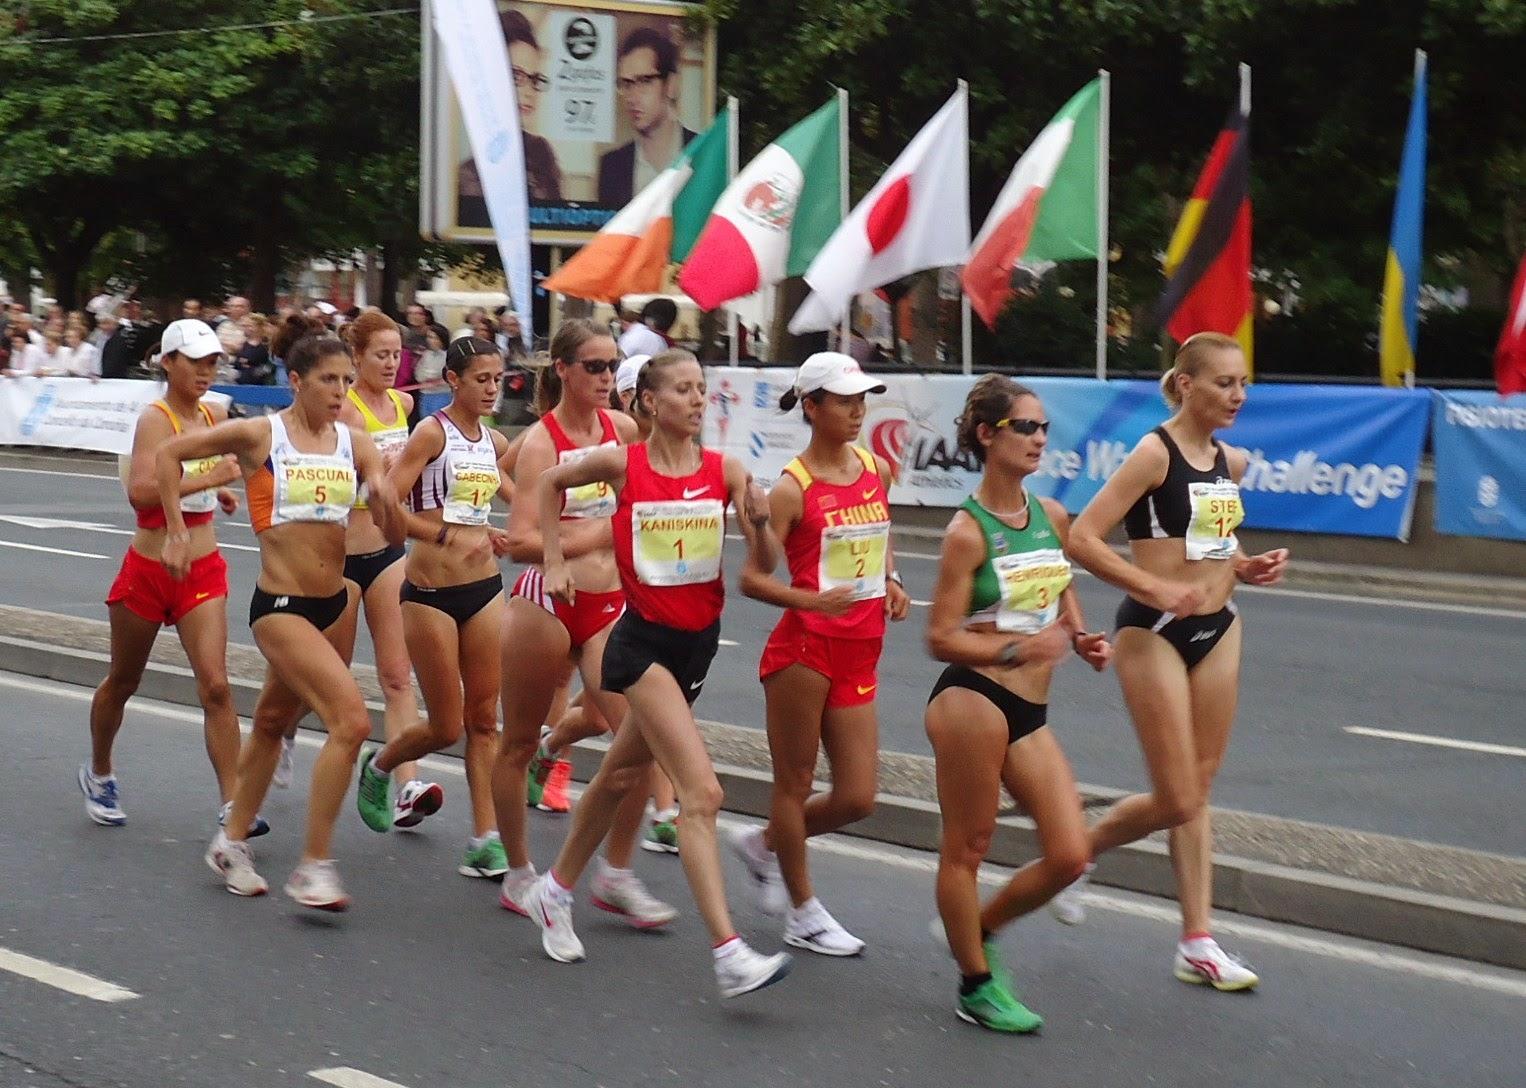 Mulheres em uma competição esportiva da marcha atlética, direto de frases de Sun Tzu e d'A Arte da Guerra.